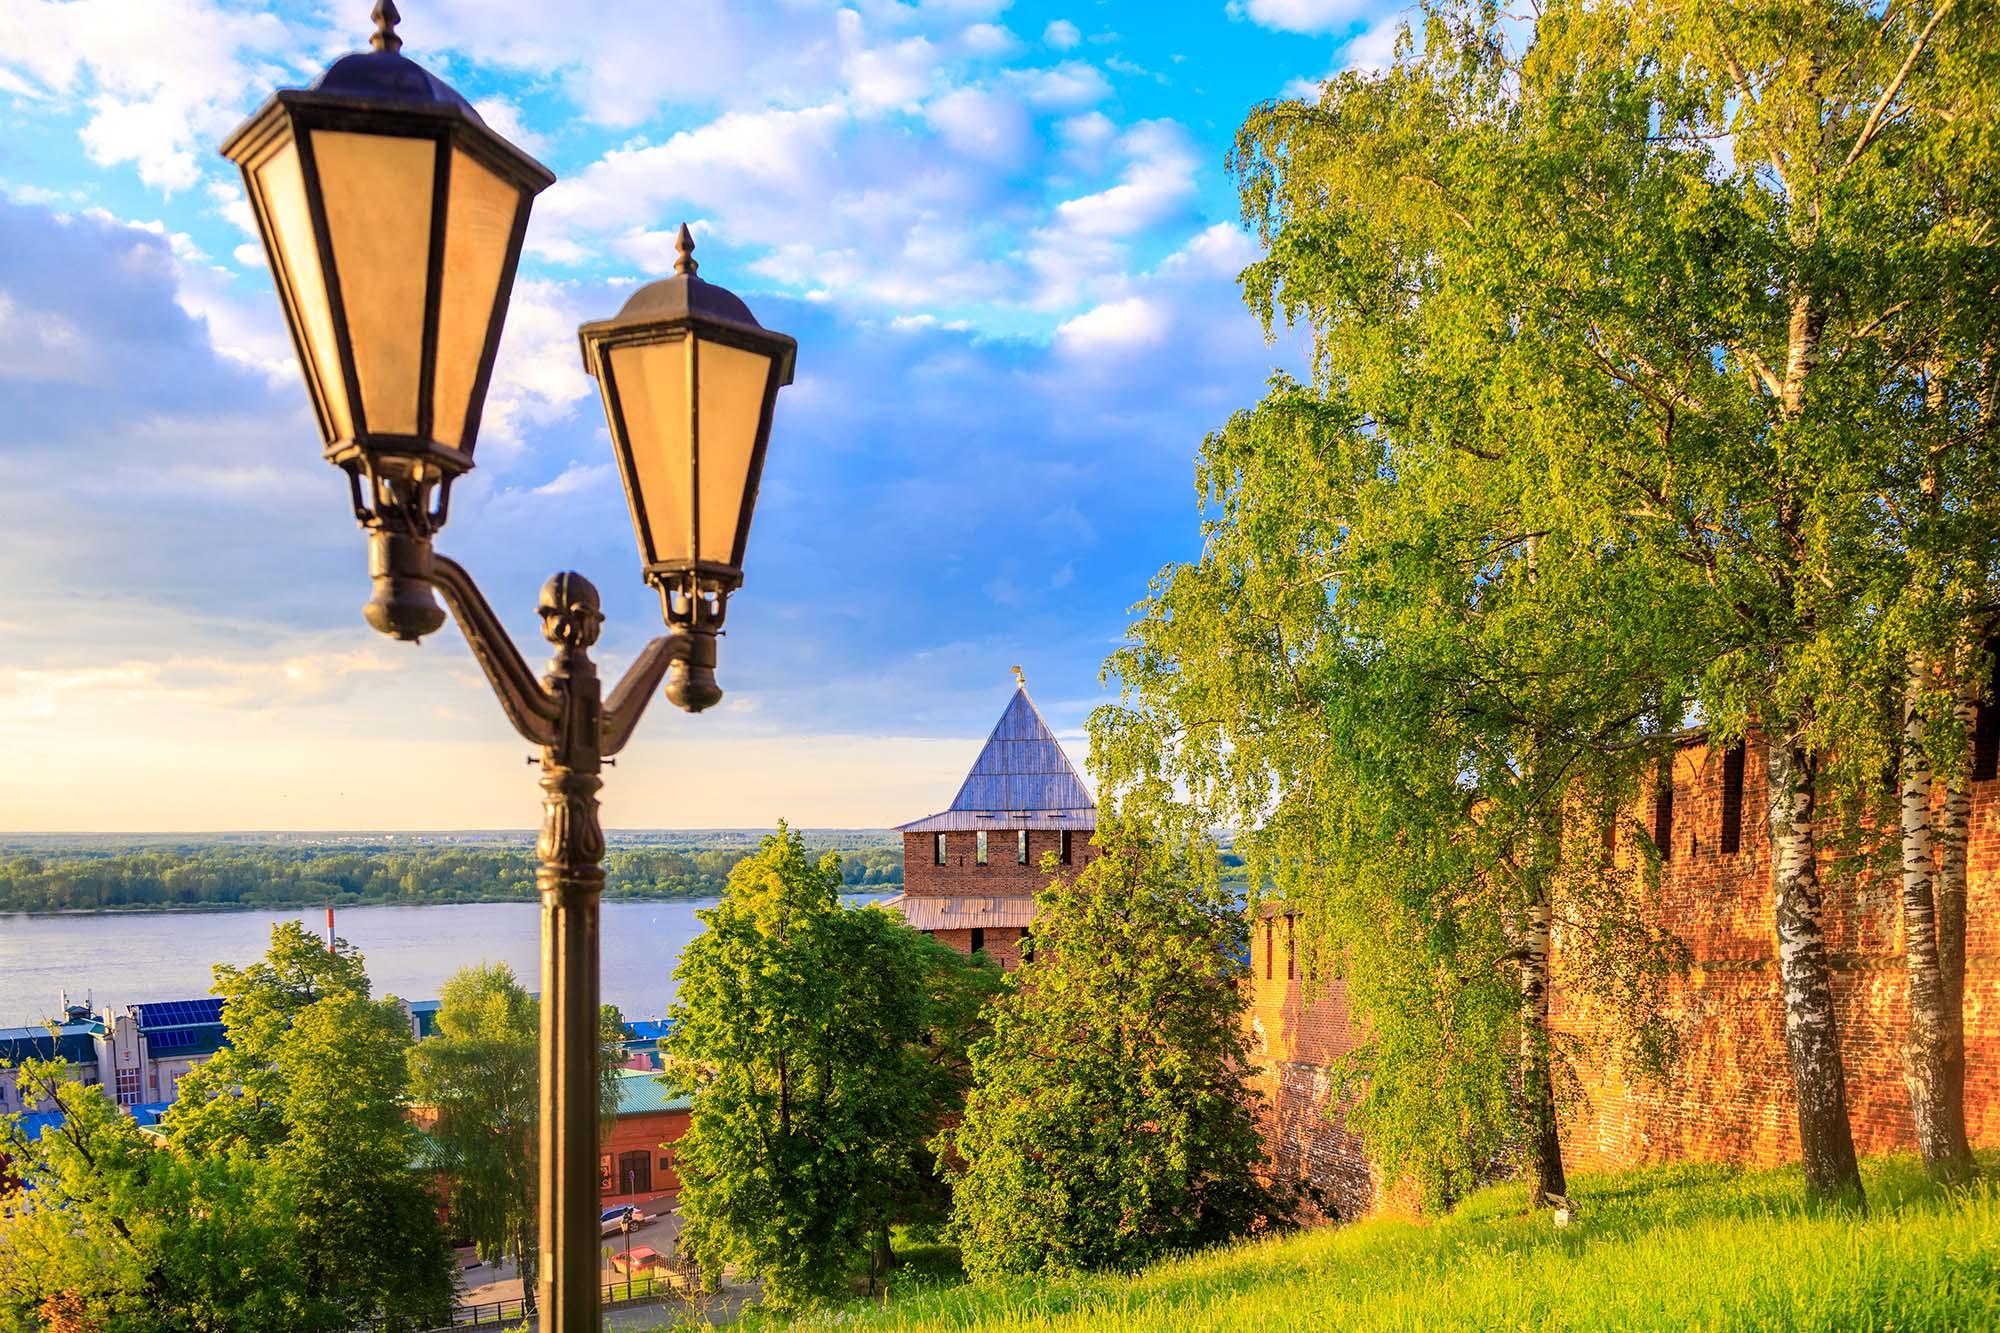 Нижегородская область вошла в топ-8 регионов для летнего отдыха на Волге